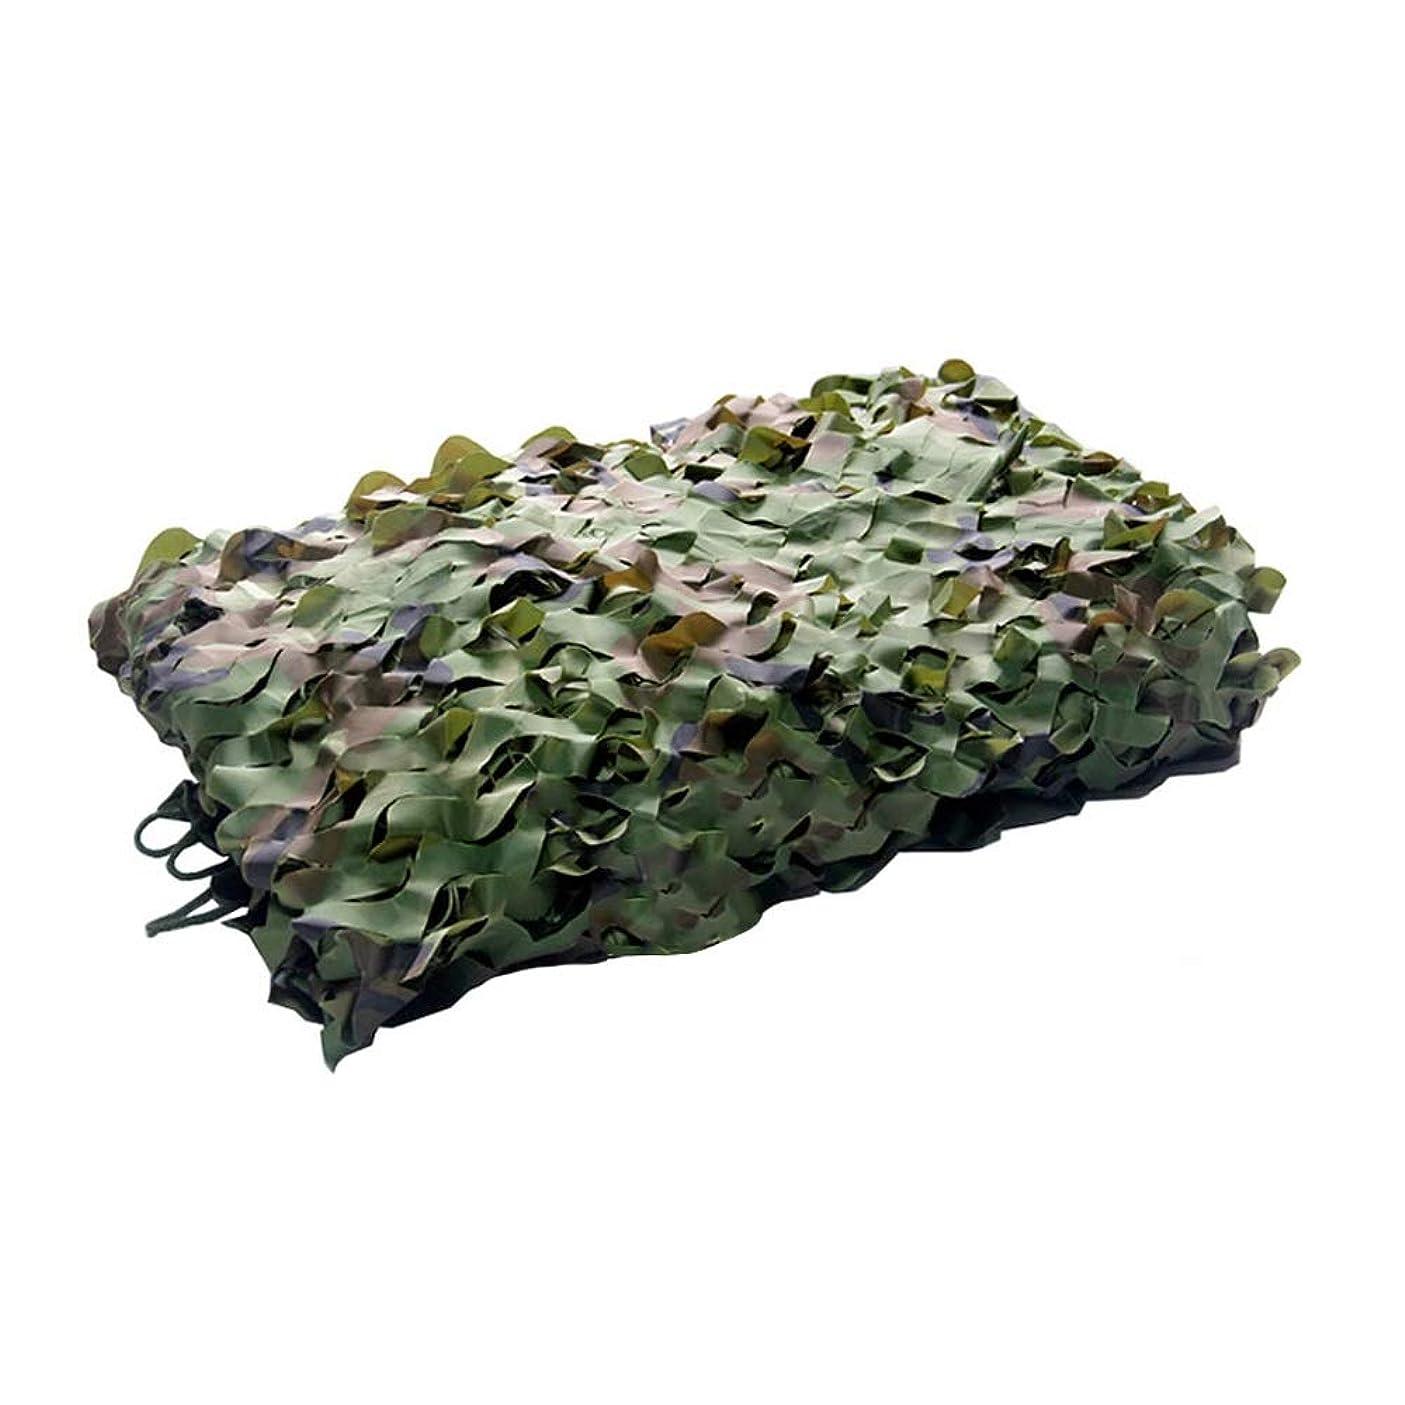 化学者またね高潔なMinmin 迷彩ネットガーデンサンシェード防空多機能迷彩ネット屋外狩猟山緑カバー装飾ネットワーク ハンティング迷彩 (Size : 7x10m)